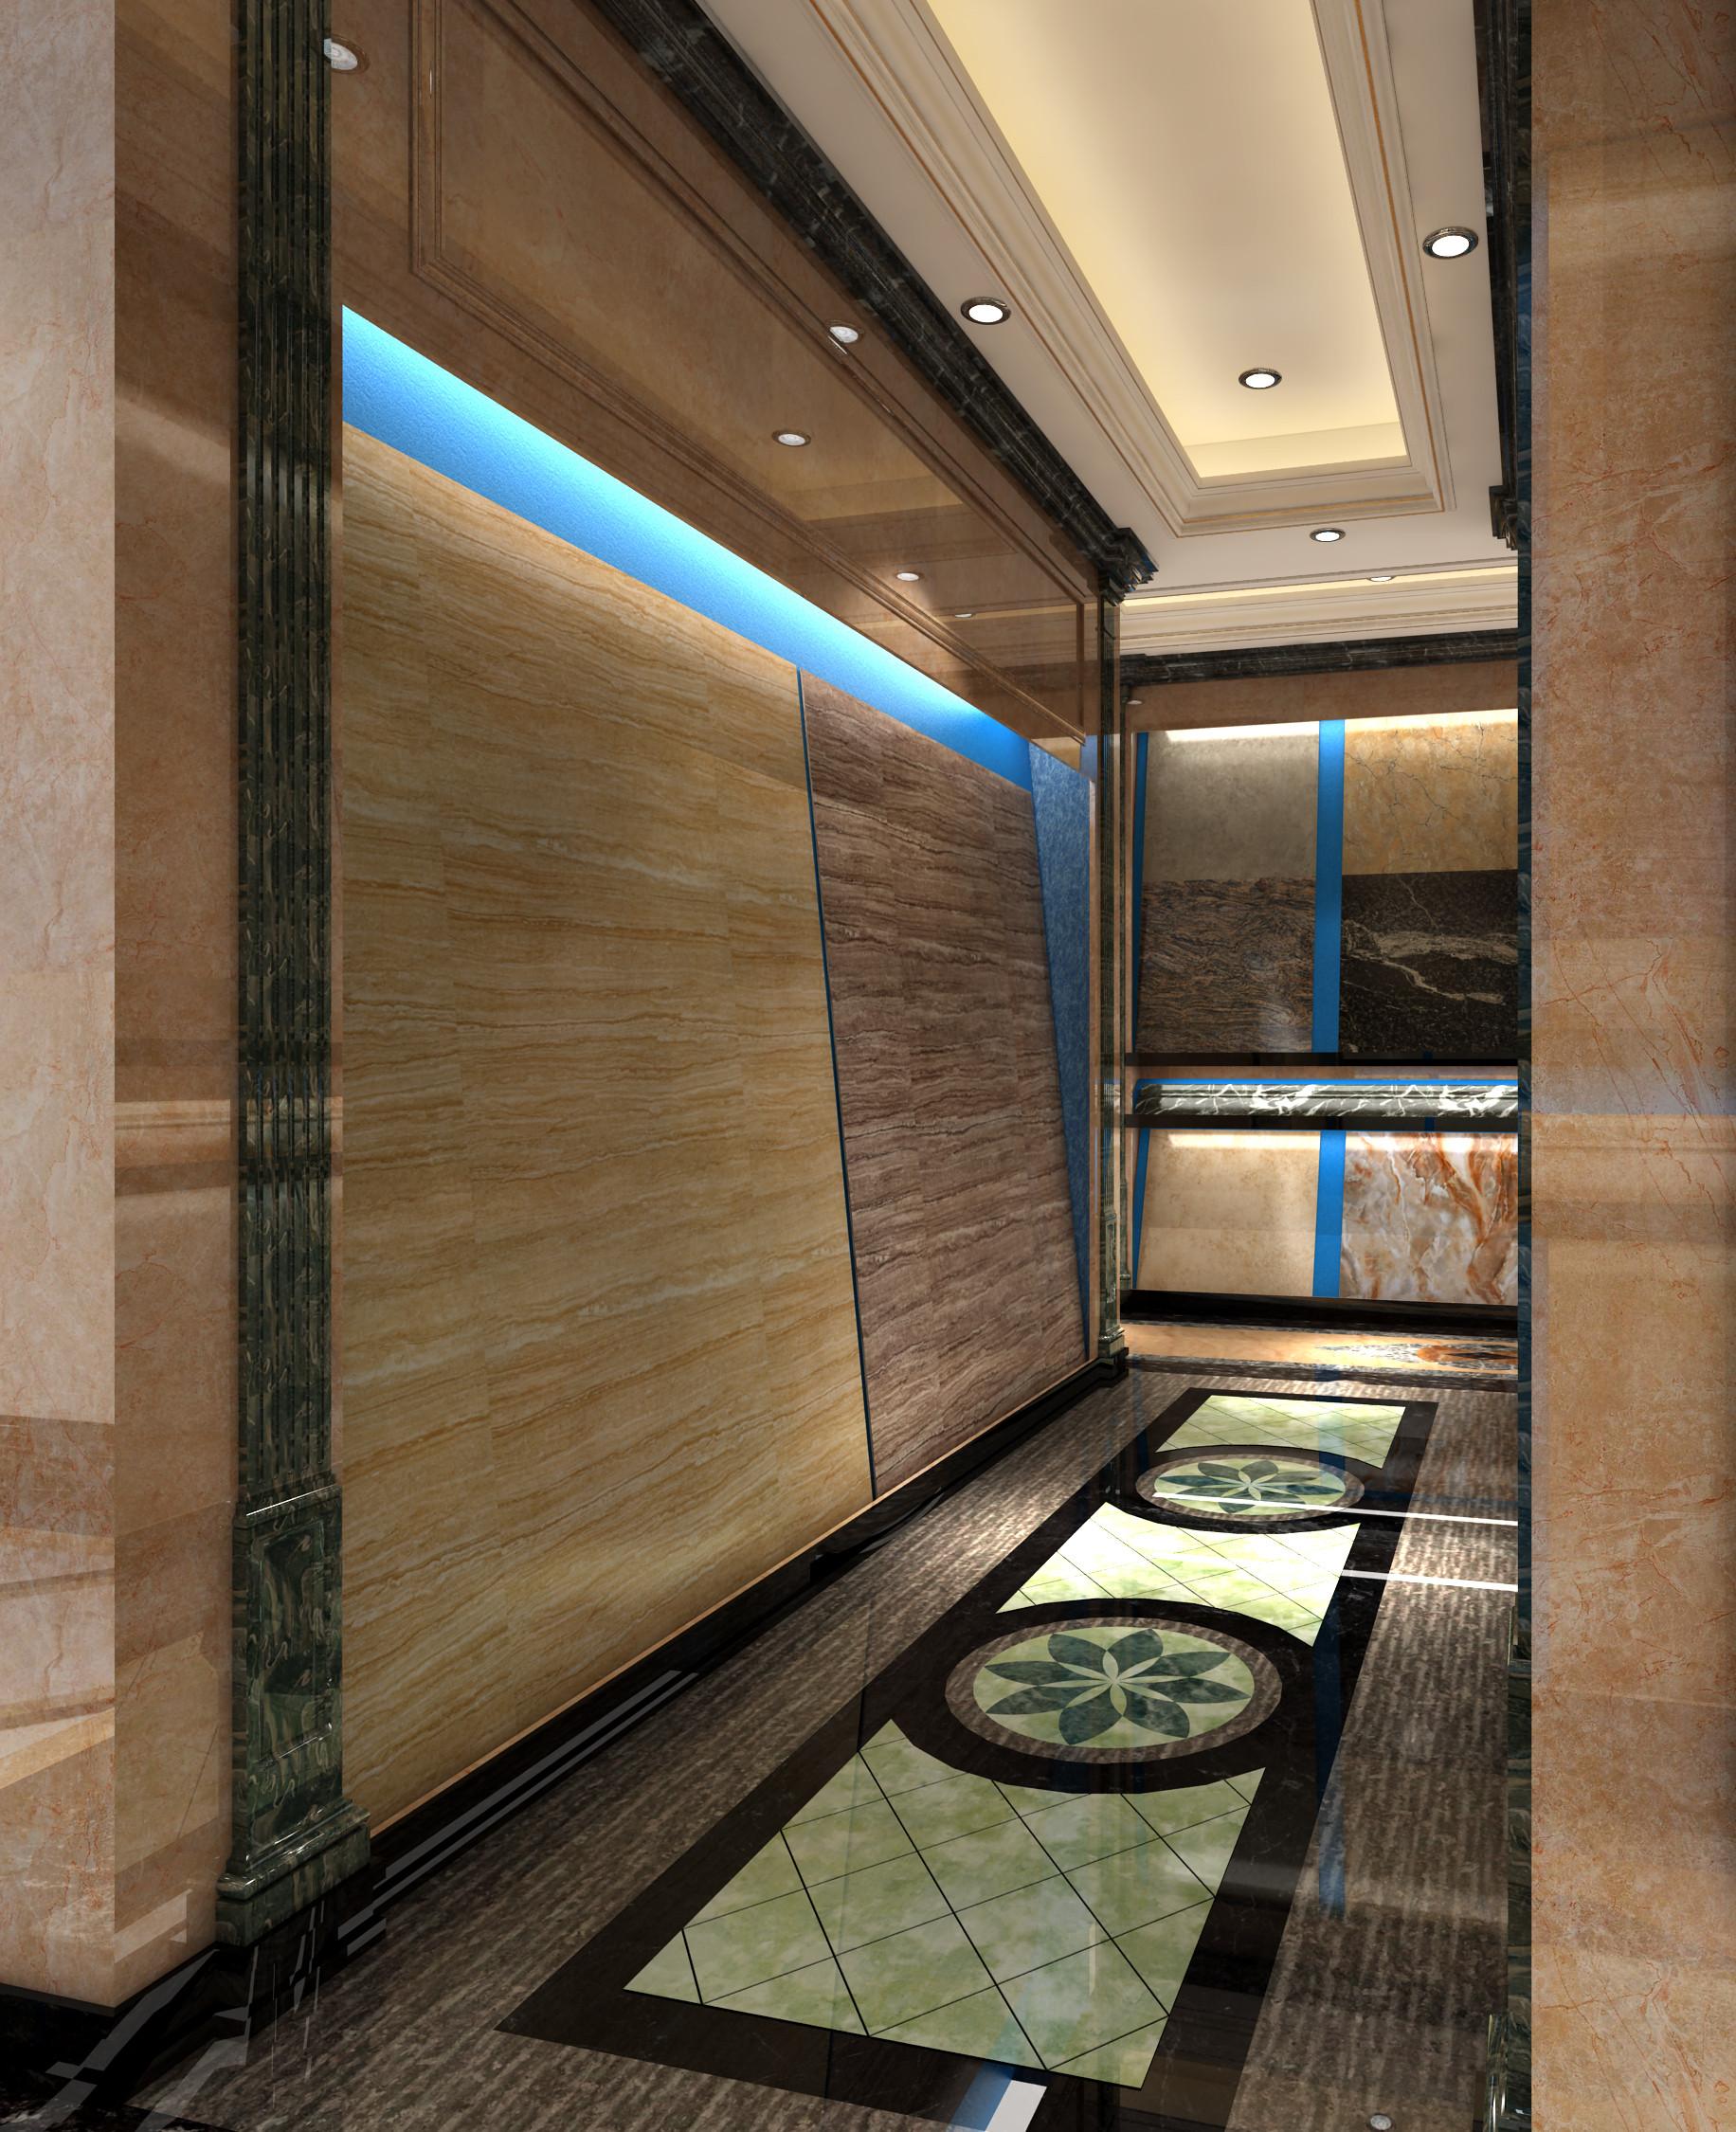 大理石展厅装修大块石材展厅走廊